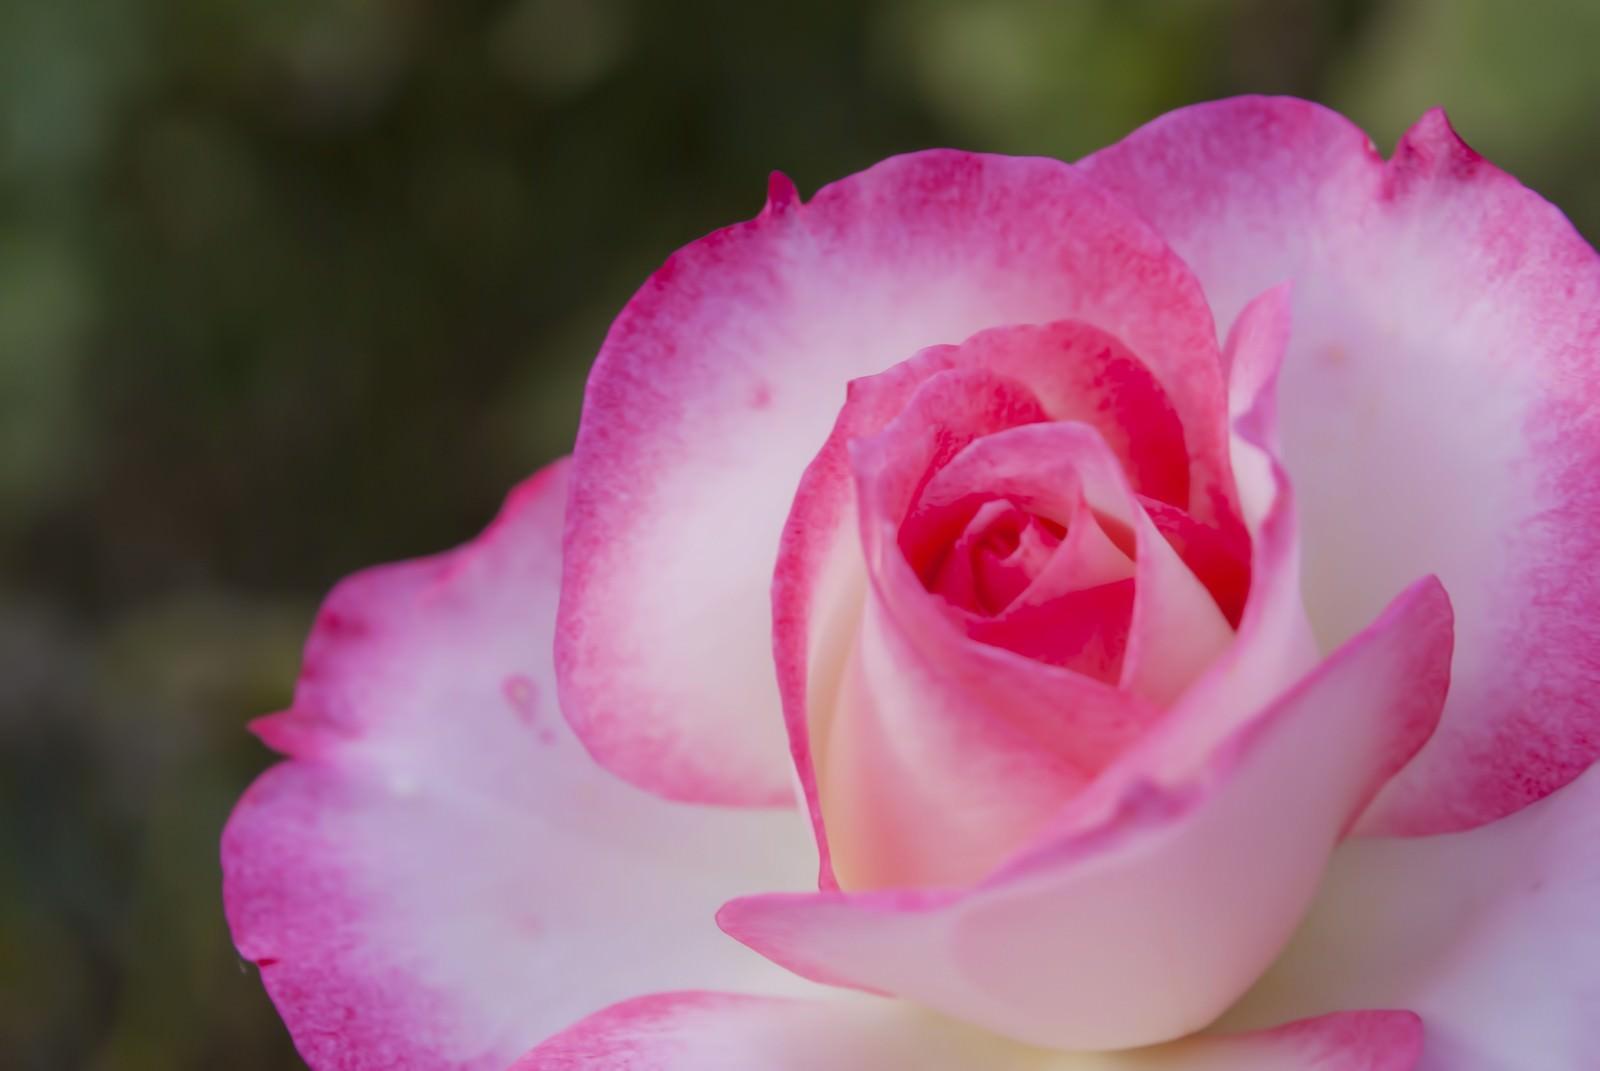 「ピンク色の鮮やかなバラ」の写真